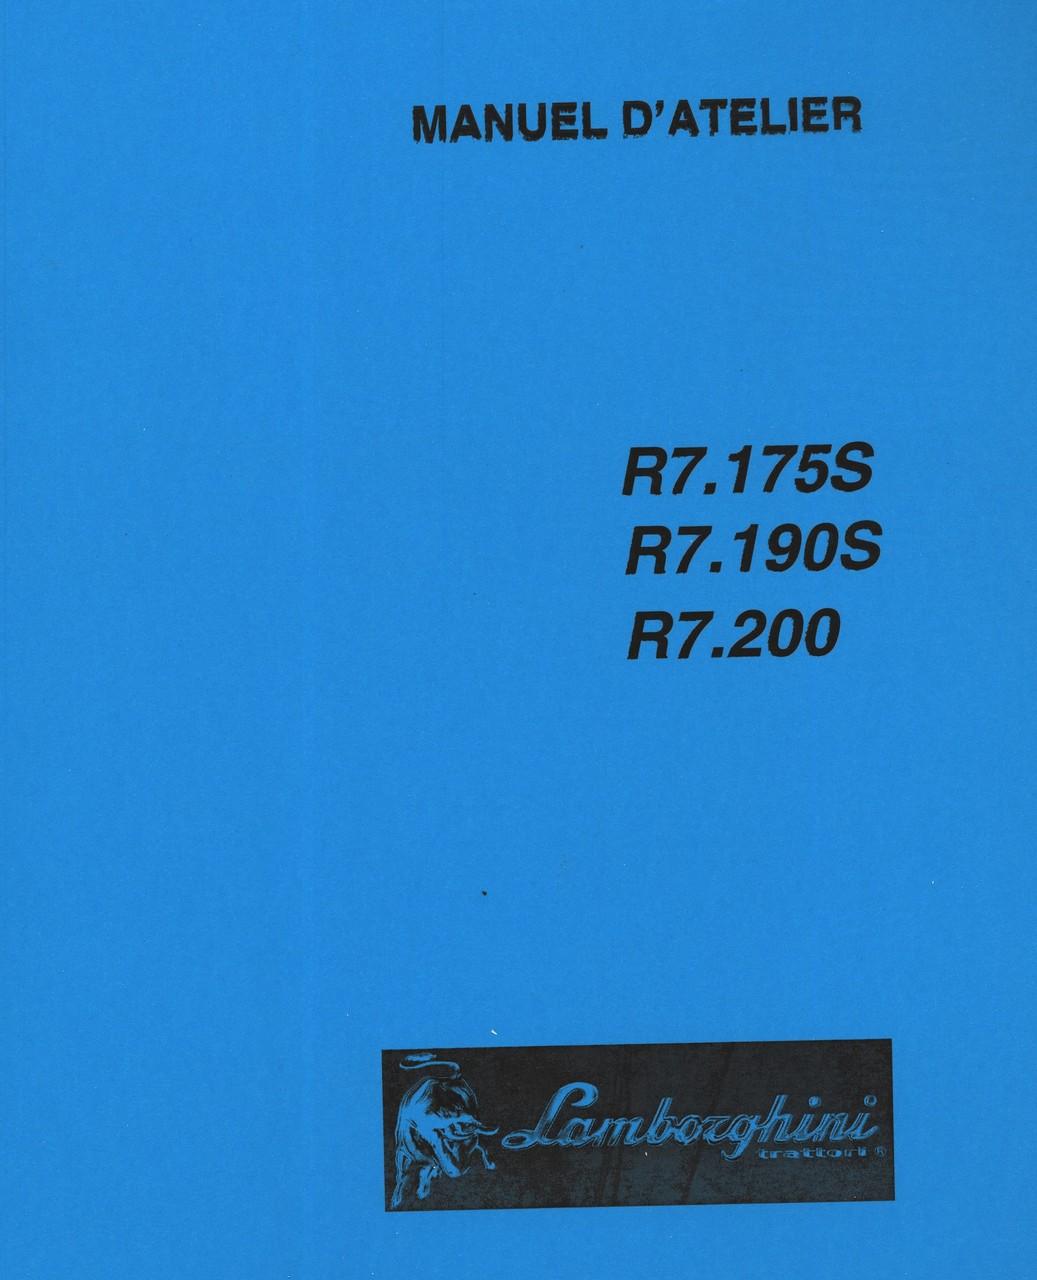 R7.175 S - R7.190 S - R7.200 - Manuel d'atelier